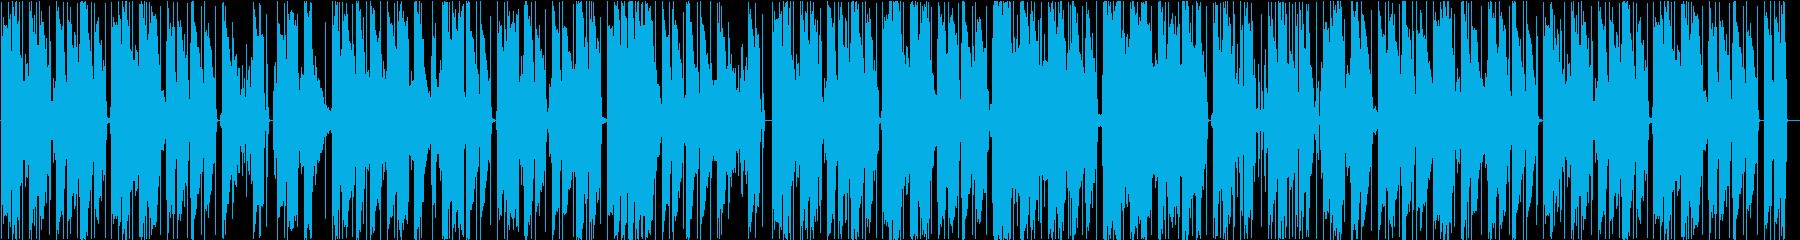 メランコリックなチルホップの再生済みの波形